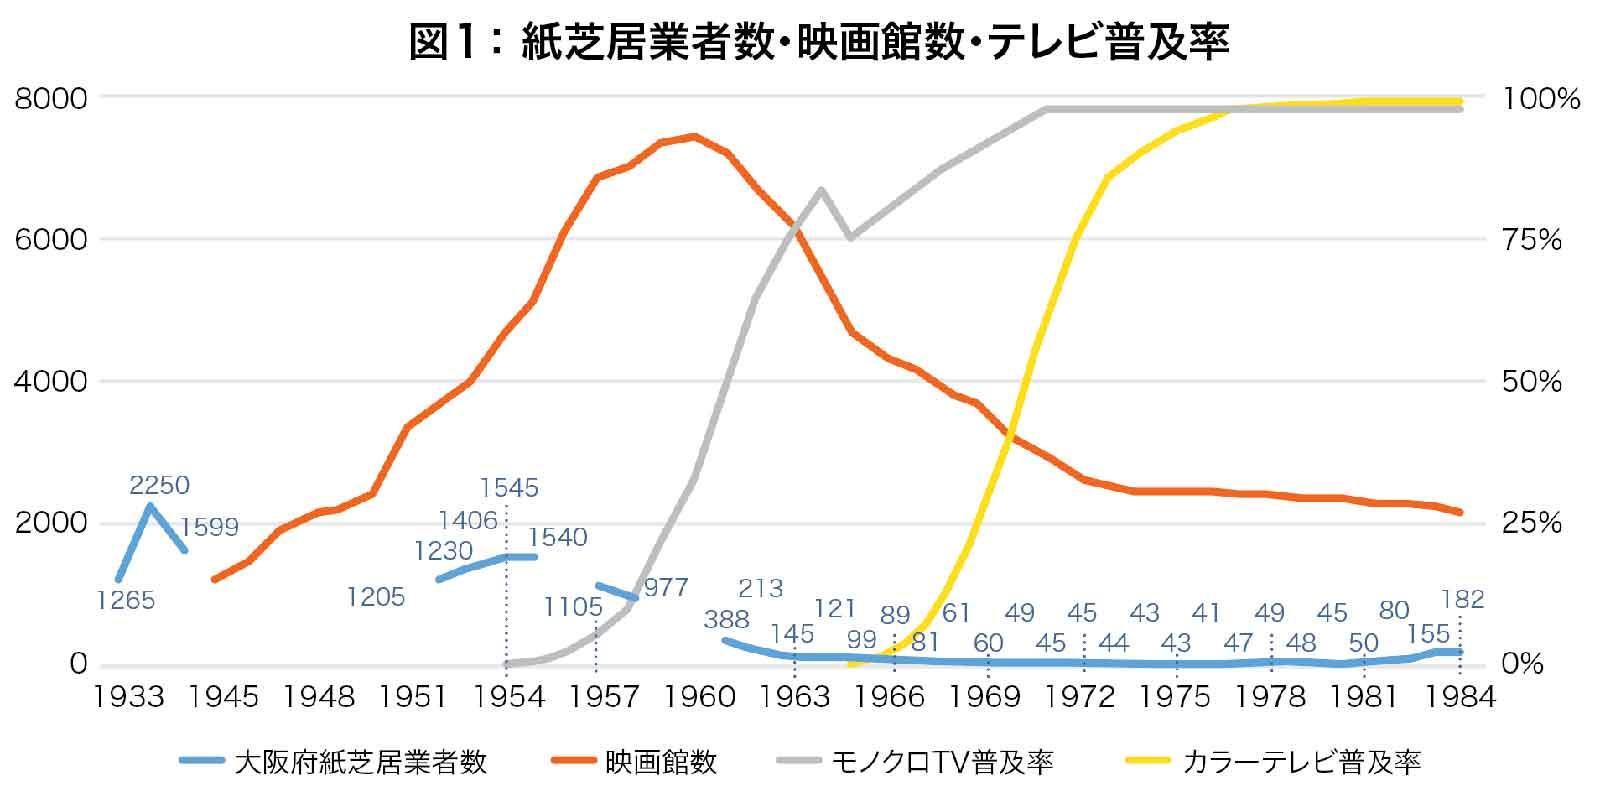 図1: 紙芝居業者数・映画館数・テレビ普及率